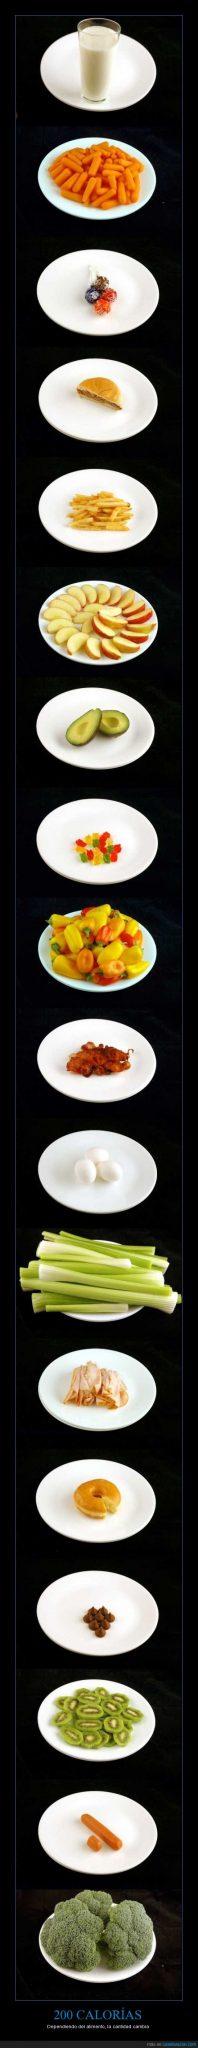 CR_800922_200_calorias